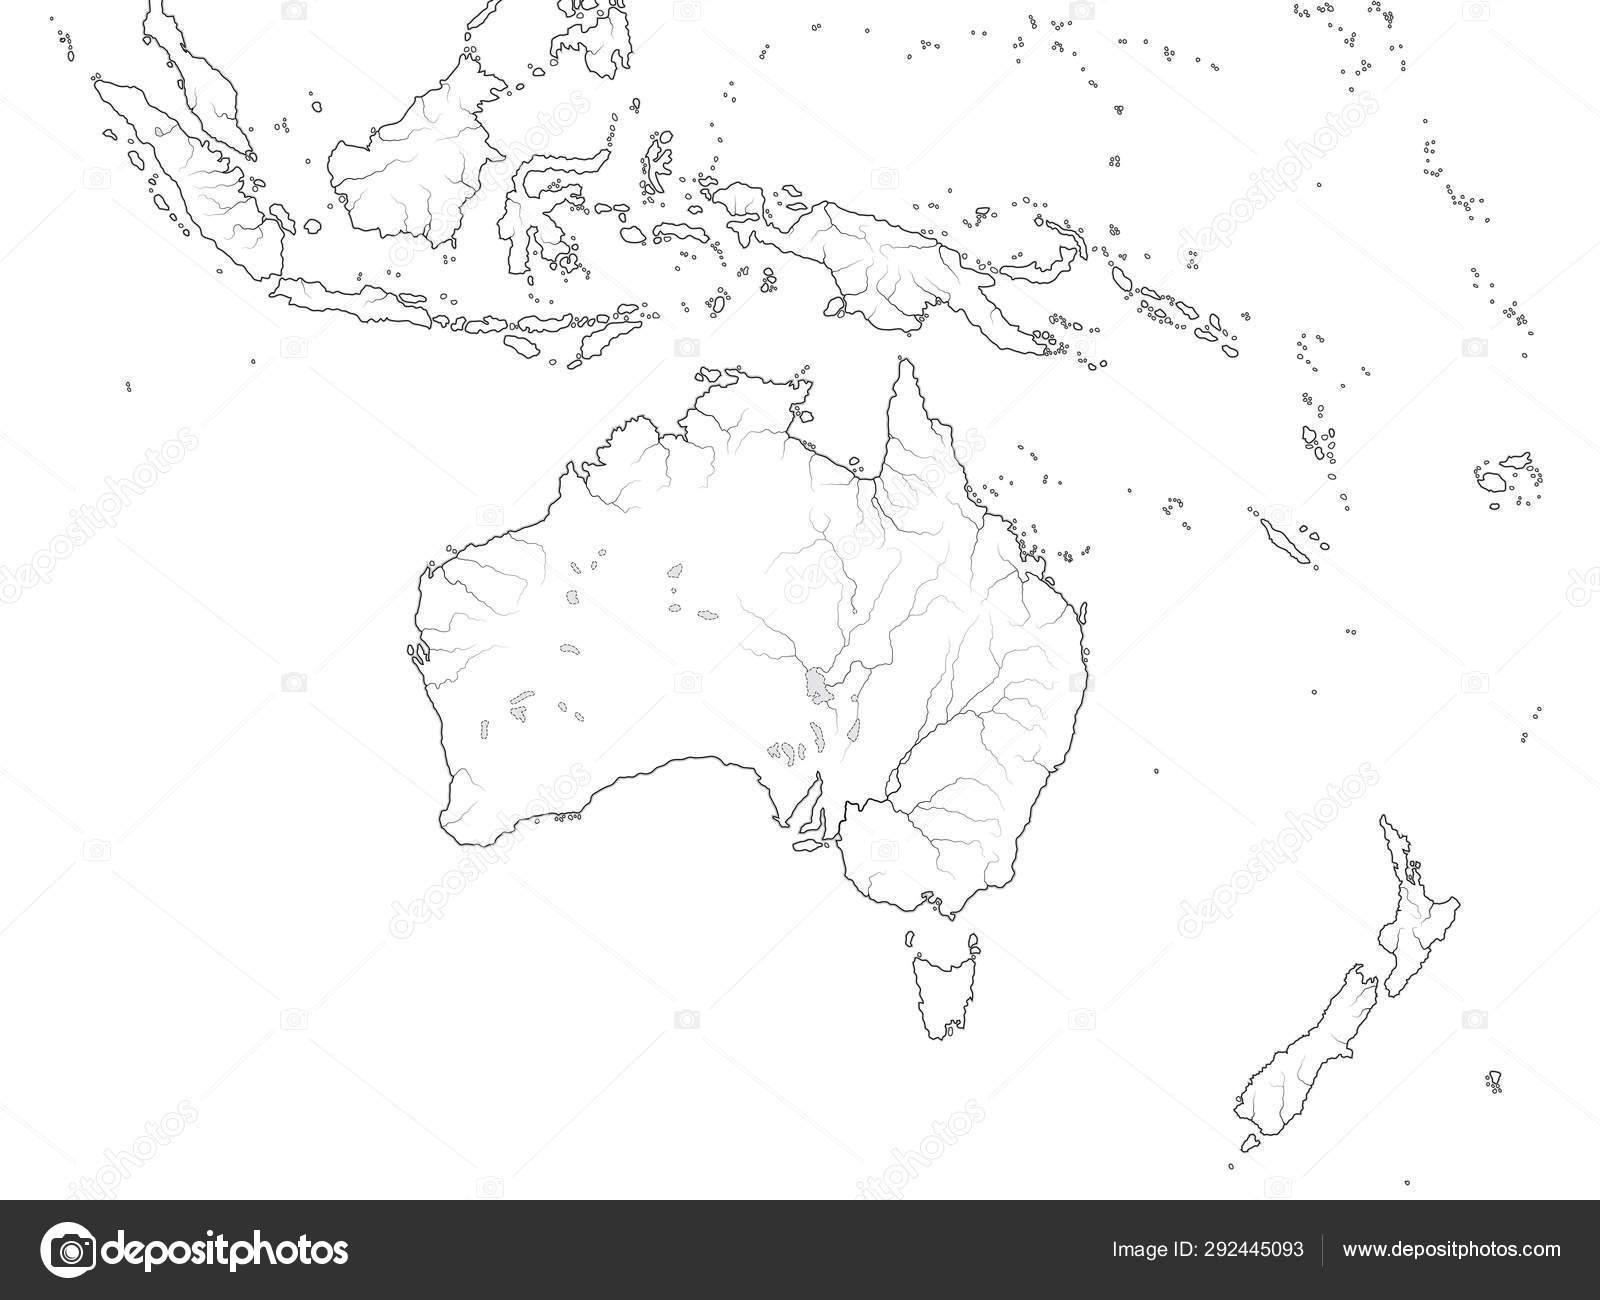 Mapa Mundial De La Region De Australasia Australia Nueva